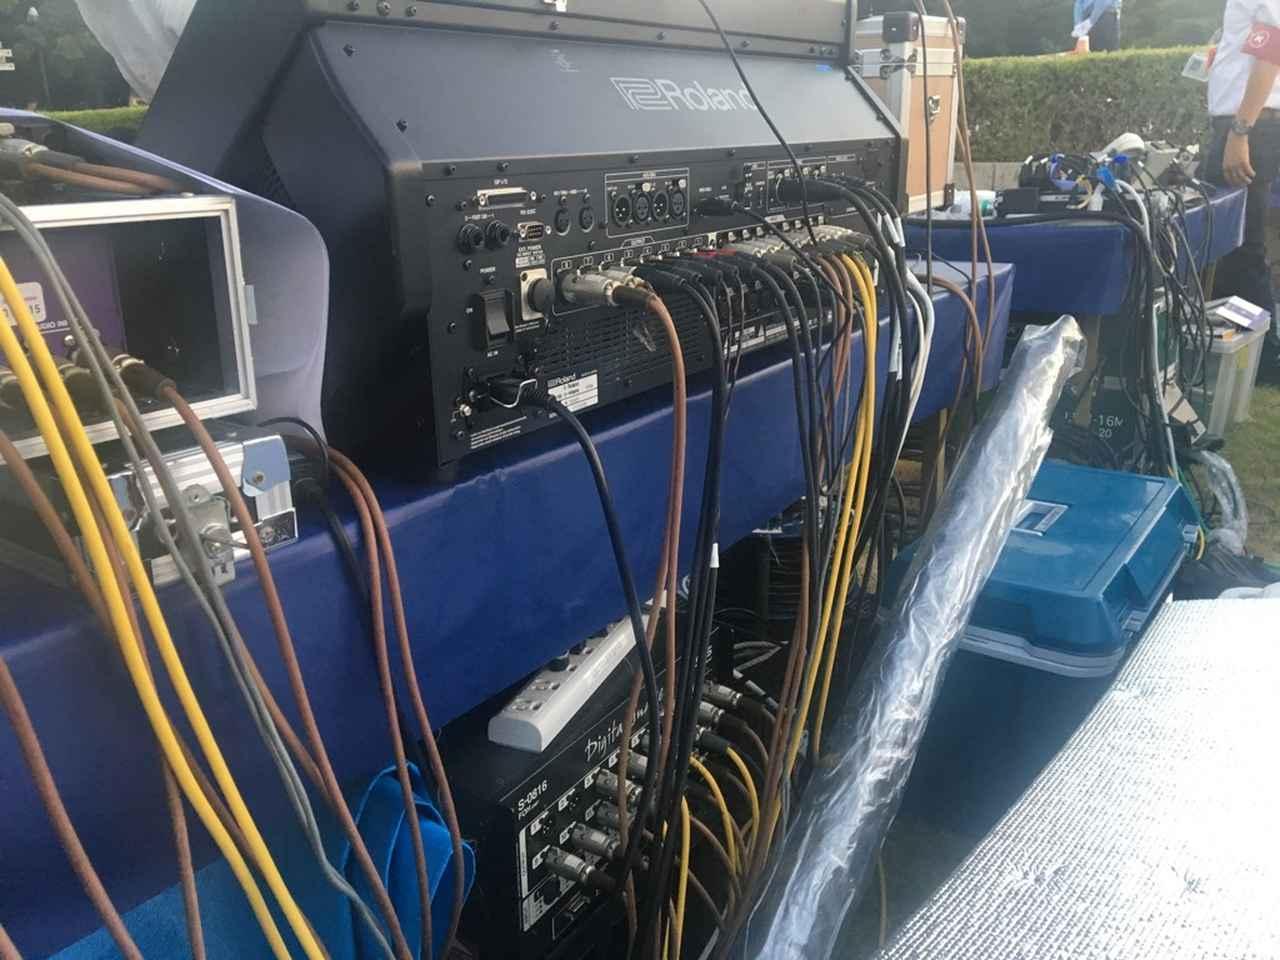 画像: 「M-5000C」の下に置かれているのは、音声を各ラジオ局やテレビ放送の幹事社に送出するための「S-0816」